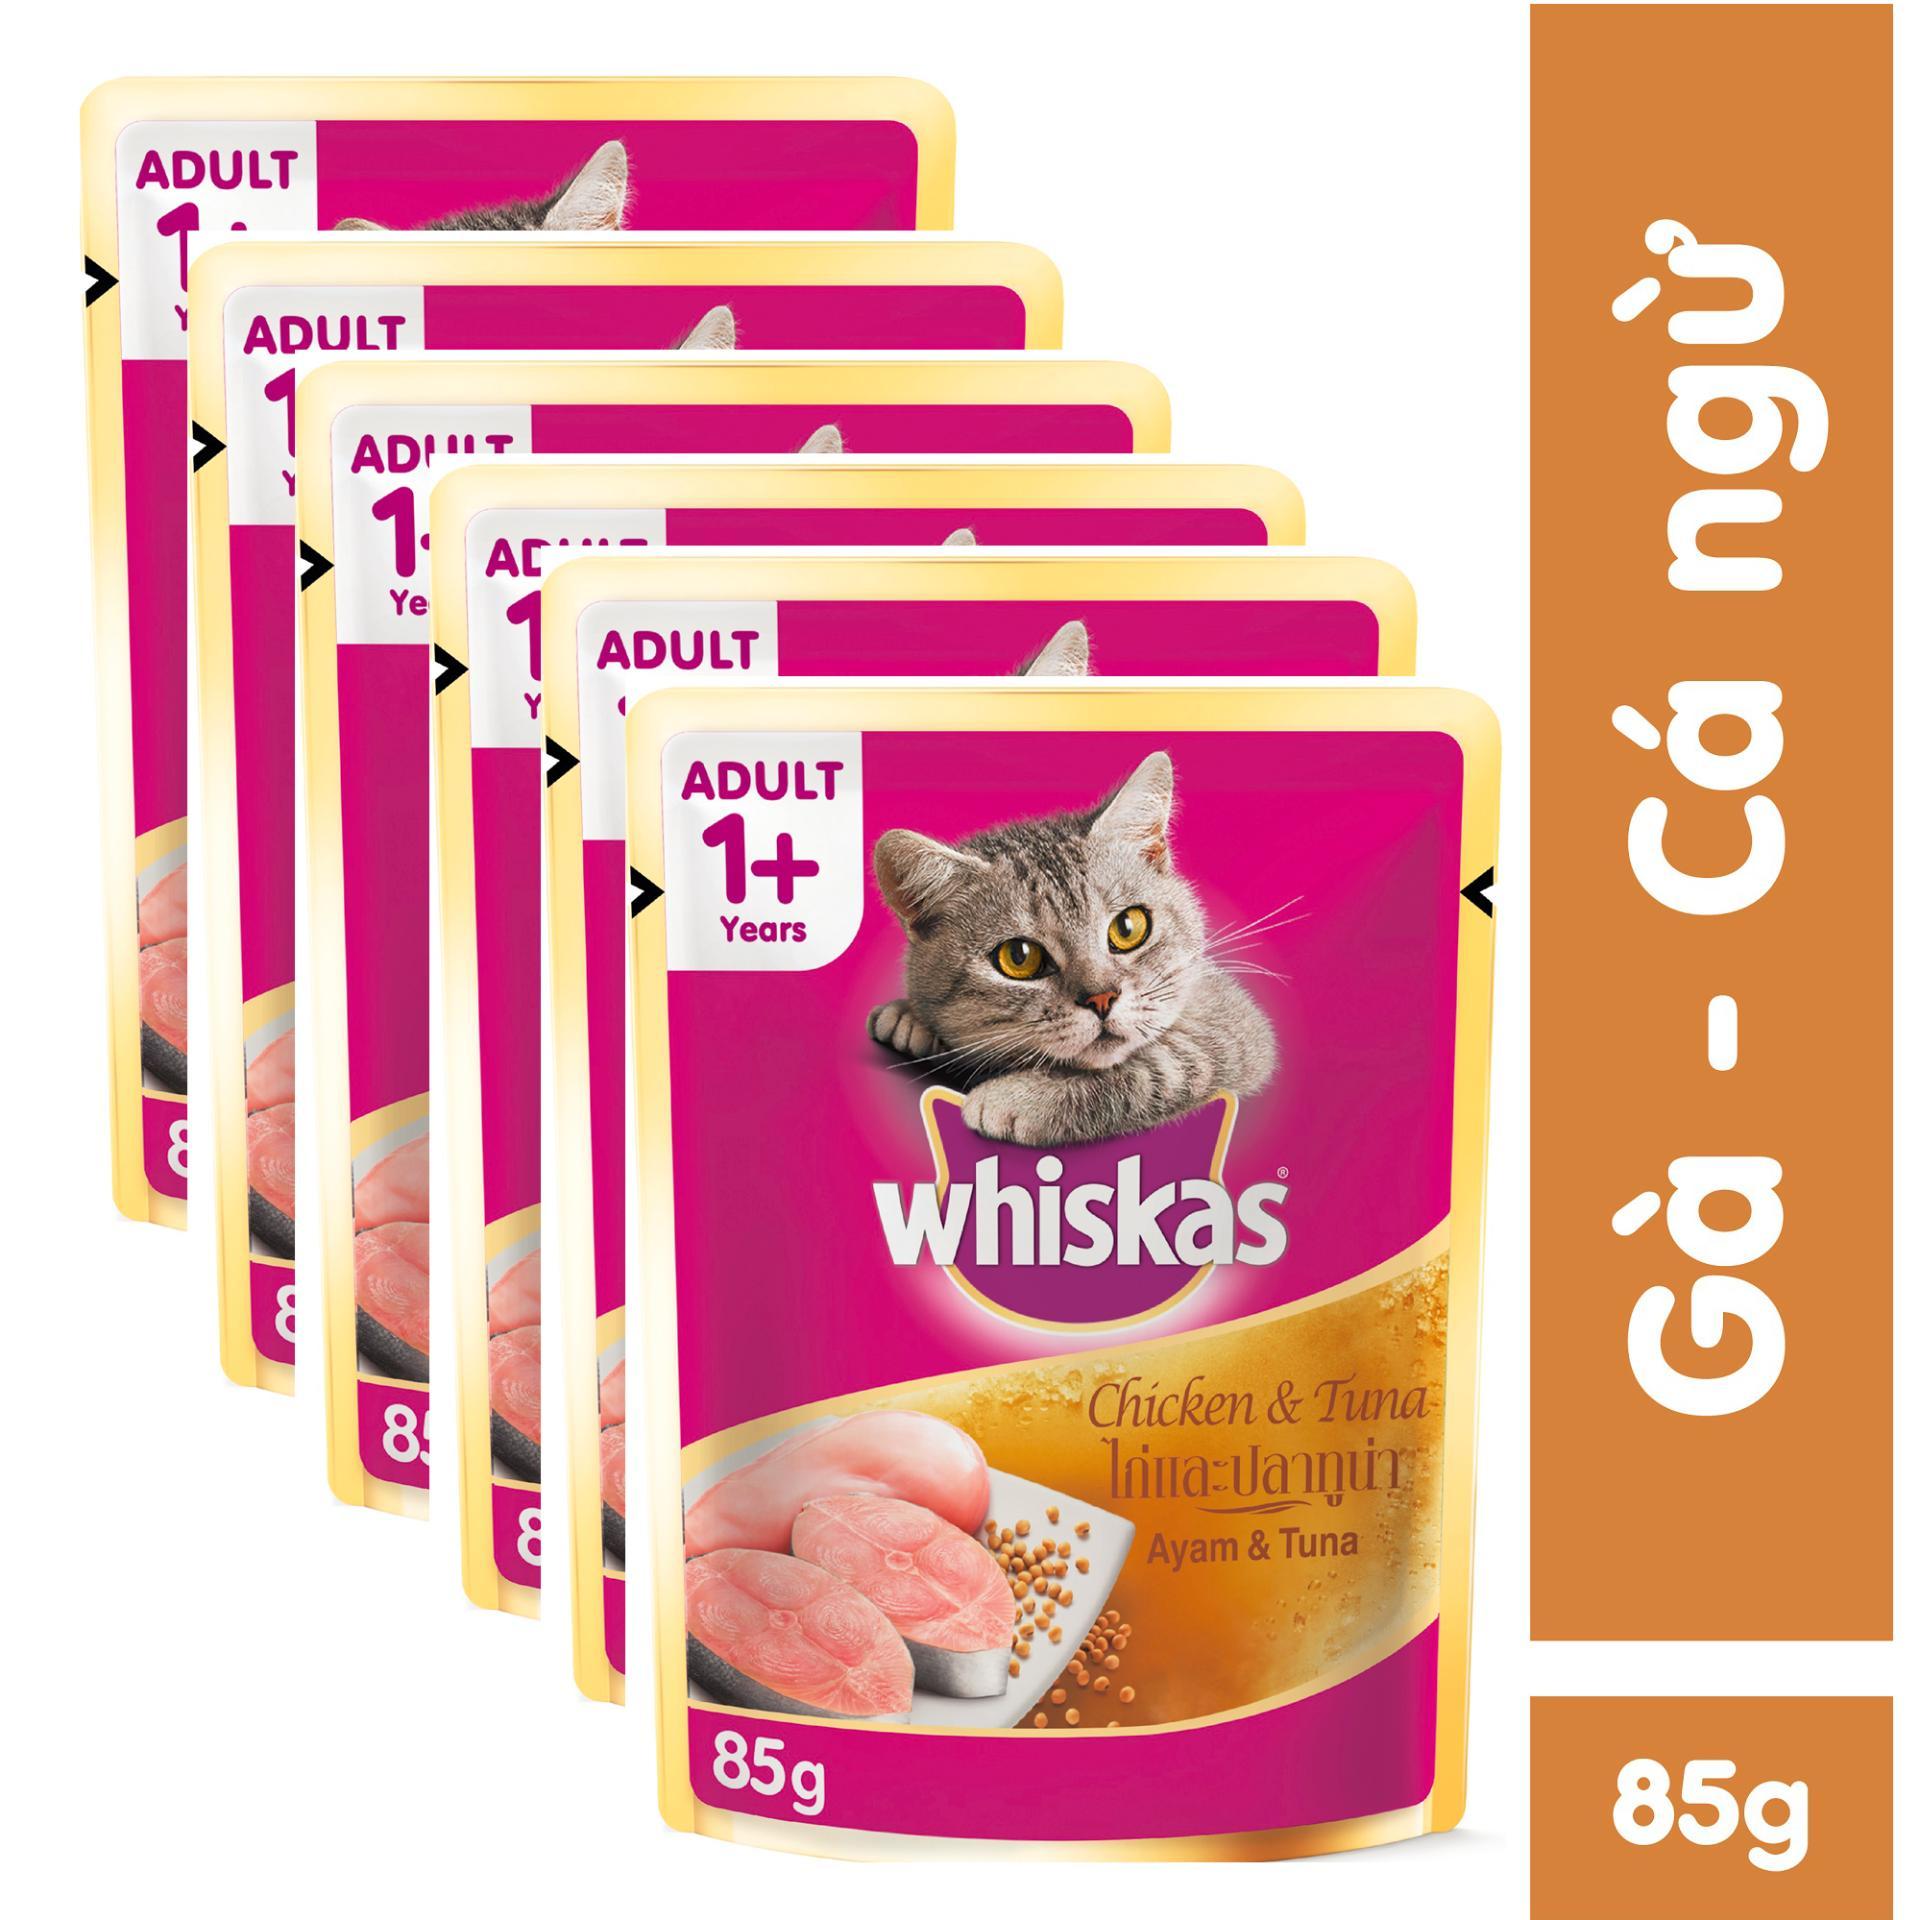 Bộ 6 túi thức ăn mèo lớn Whiskas vị gà & cá ngừ 85gr